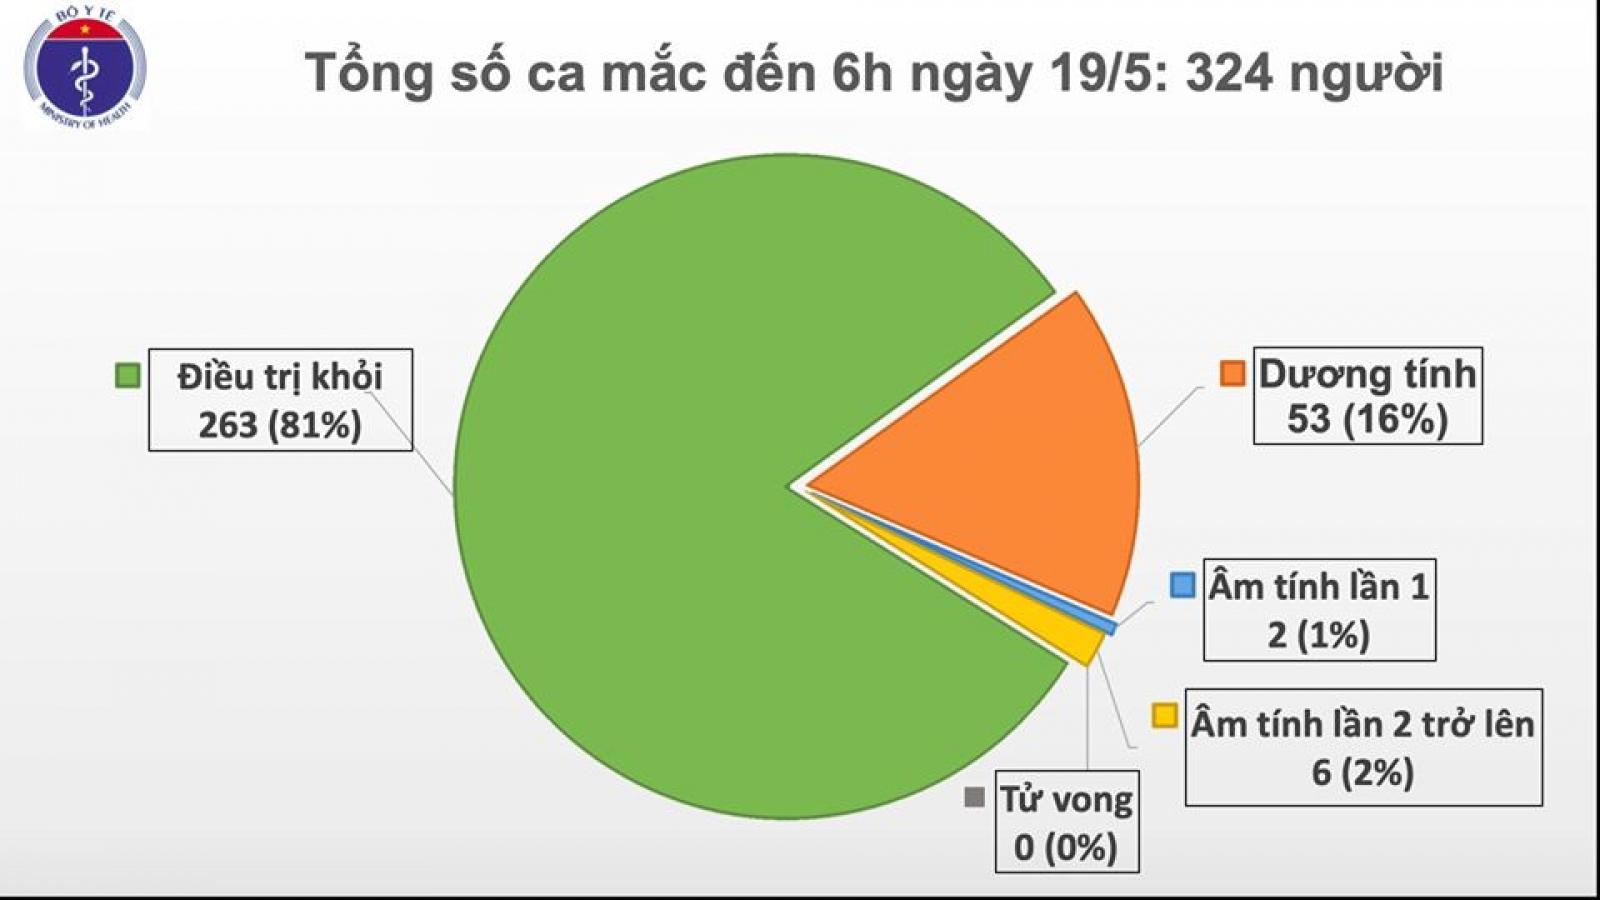 Sáng 19/5, Việt Nam không có ca mắc Covid-19 mới